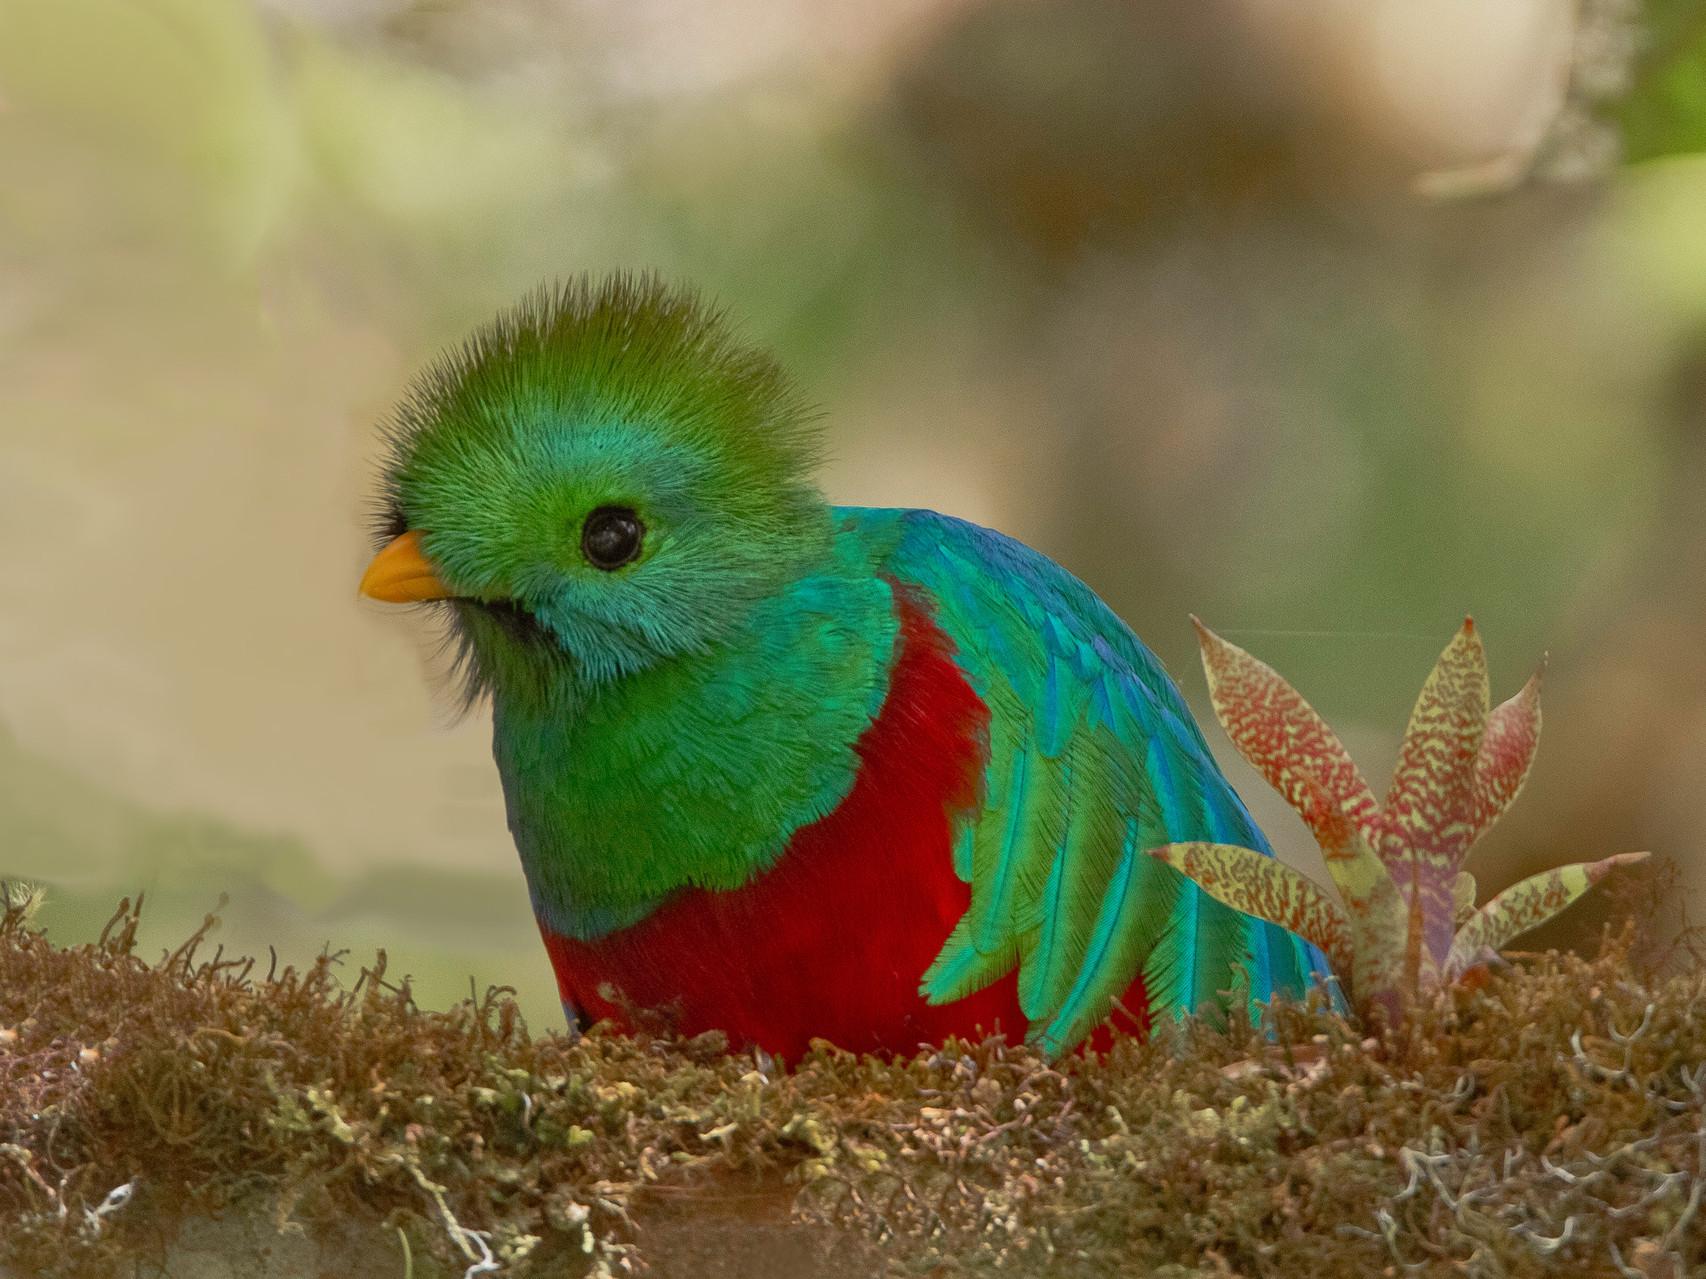 Einfach ein durch und durch schöner Vogel!